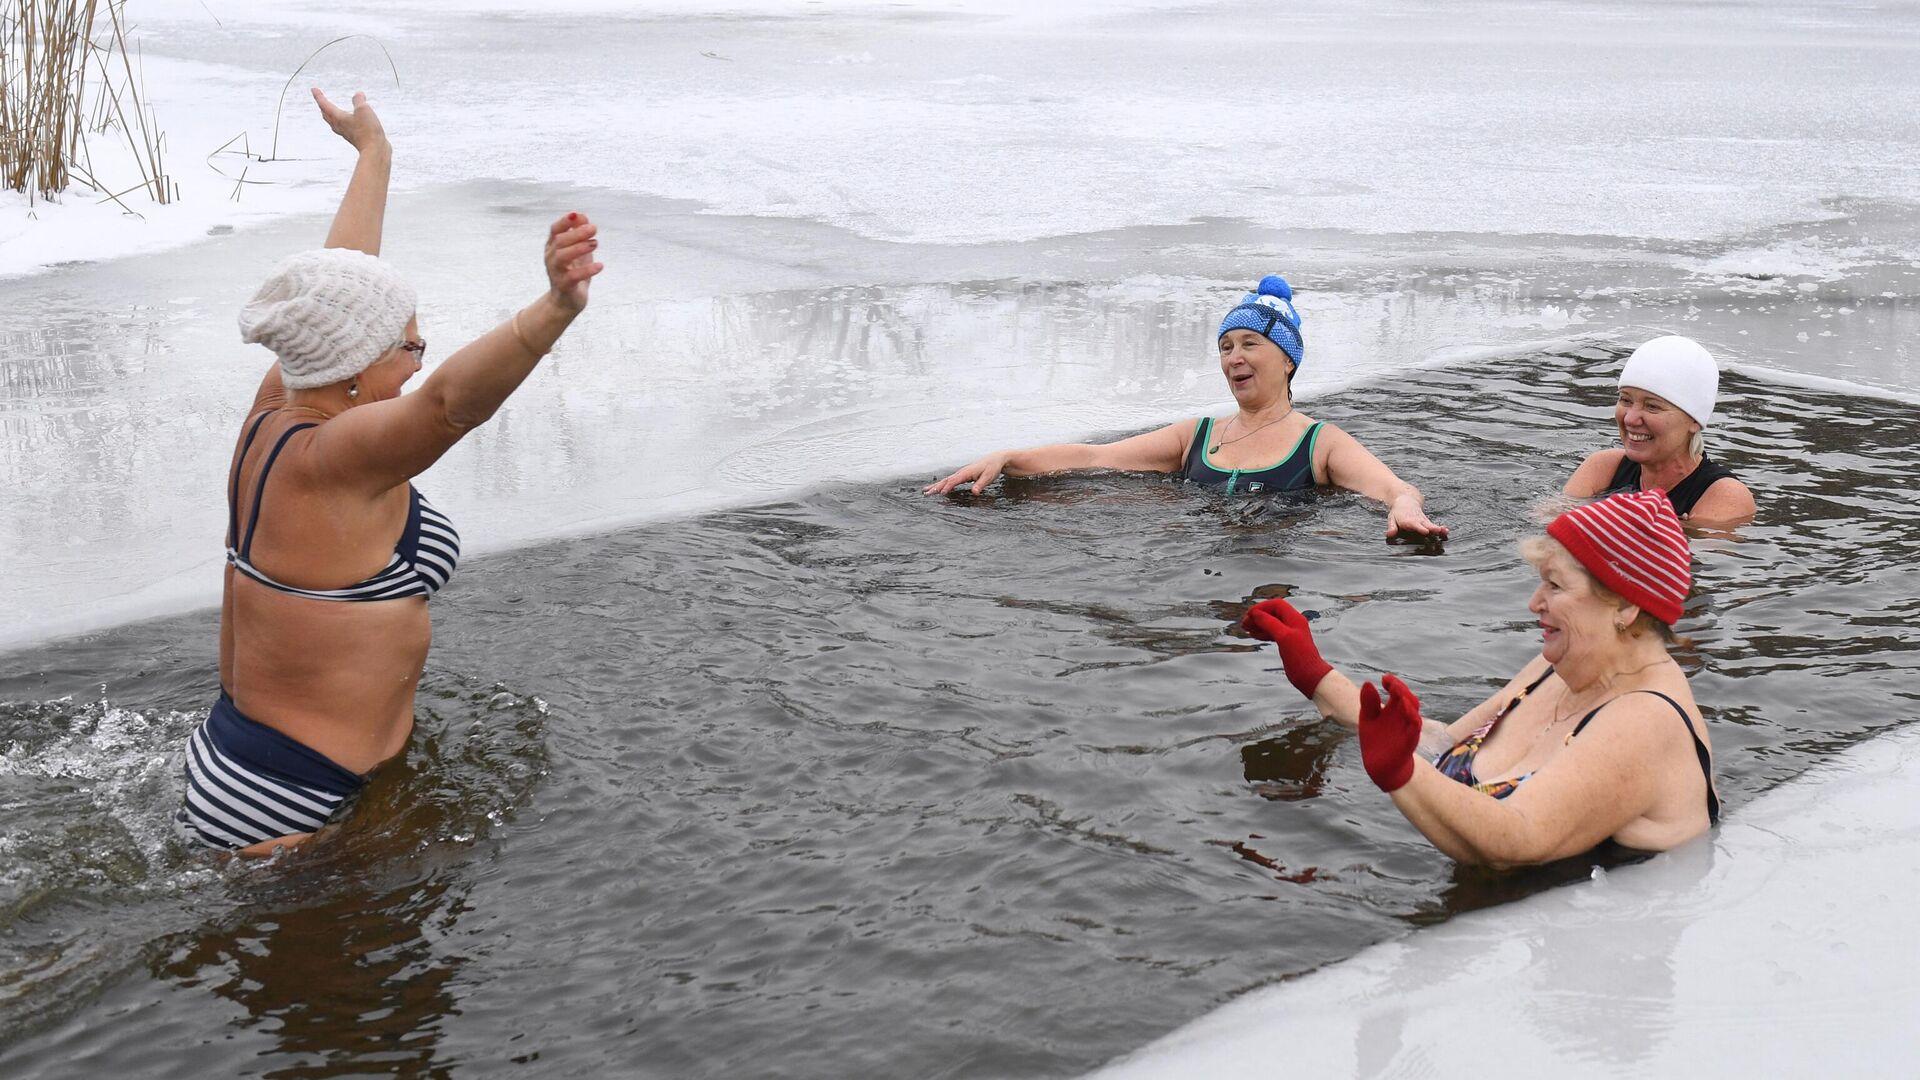 Члены клуба закаливания во время открытия сезона зимнего купания на озере Блюдце в Новосибирске - РИА Новости, 1920, 11.01.2021